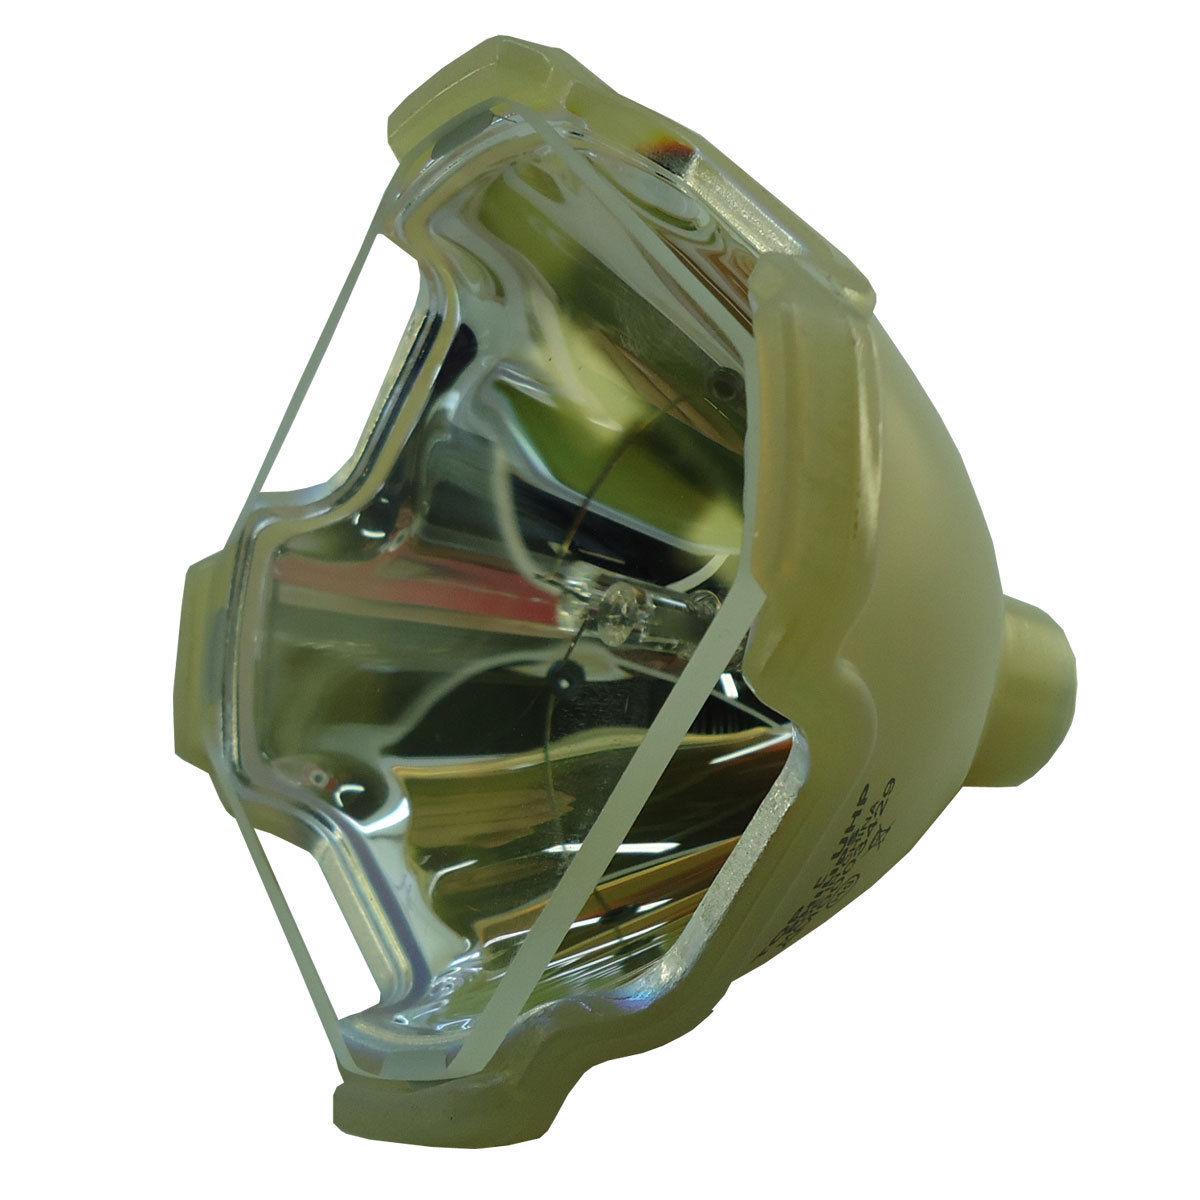 POA-LMP67 LMP67 610-306-5977 for SANYO PLC-XP50 PLC-XP50L PLC-XP55 XP55 PLC-XP55L Projector Lamp Bulb Without housing lamp housing for sanyo 610 3252957 6103252957 projector dlp lcd bulb